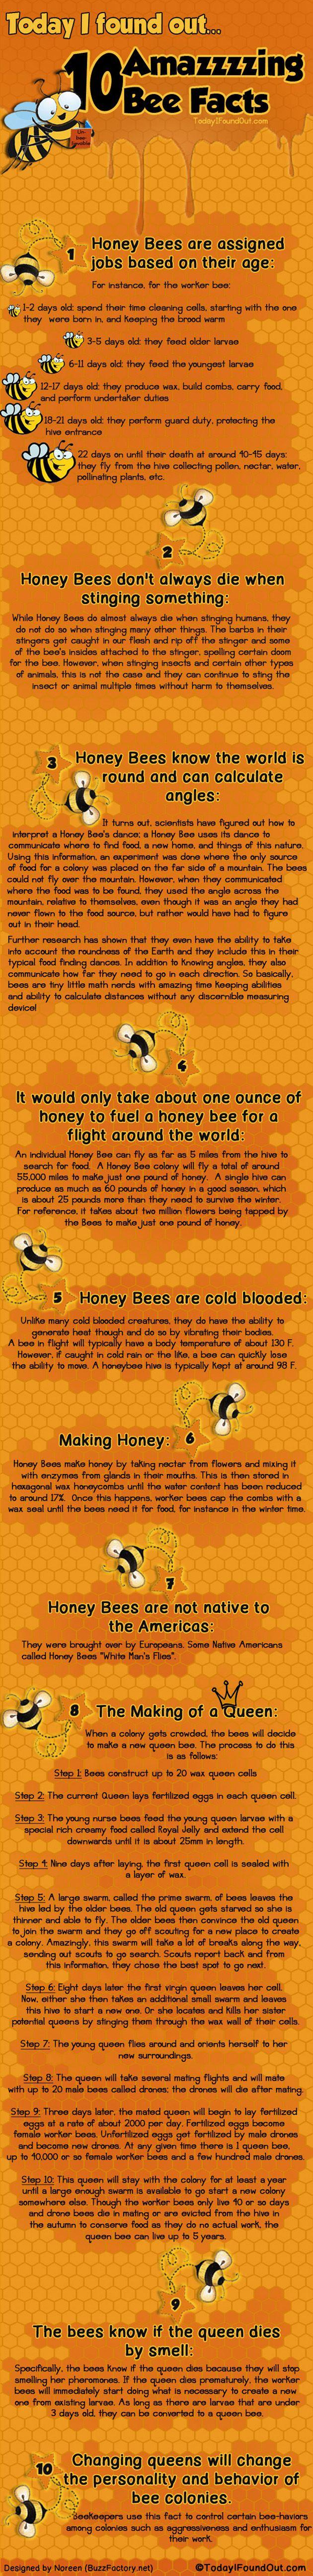 Top Ten Bee Facts – Infographic